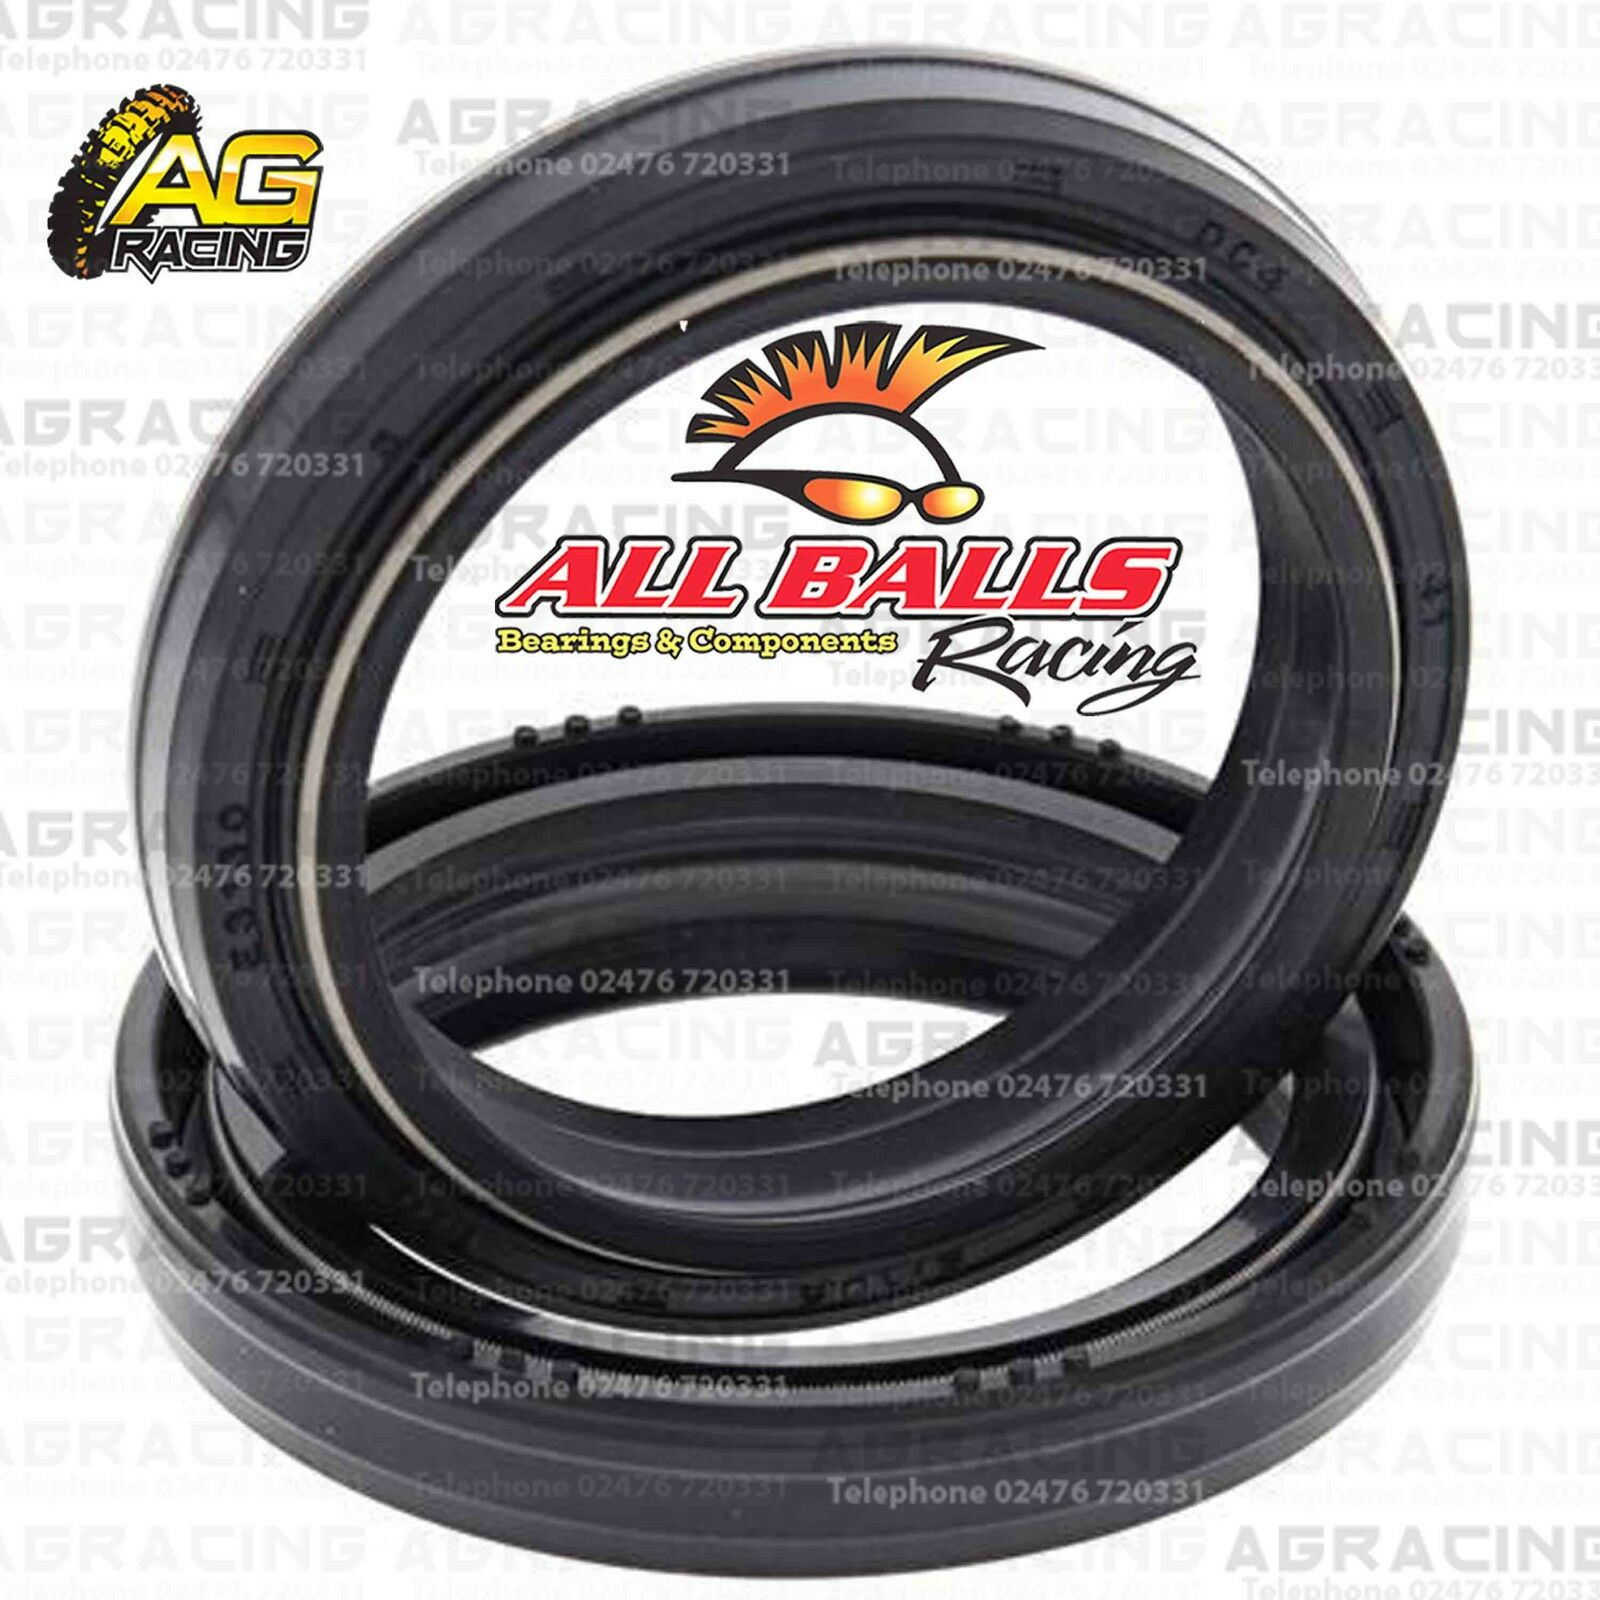 All Balls Fork Oil Seals Kit For Yamaha Yz 250 1989 1990 89 90 Enduro Wiring Harness Motocross